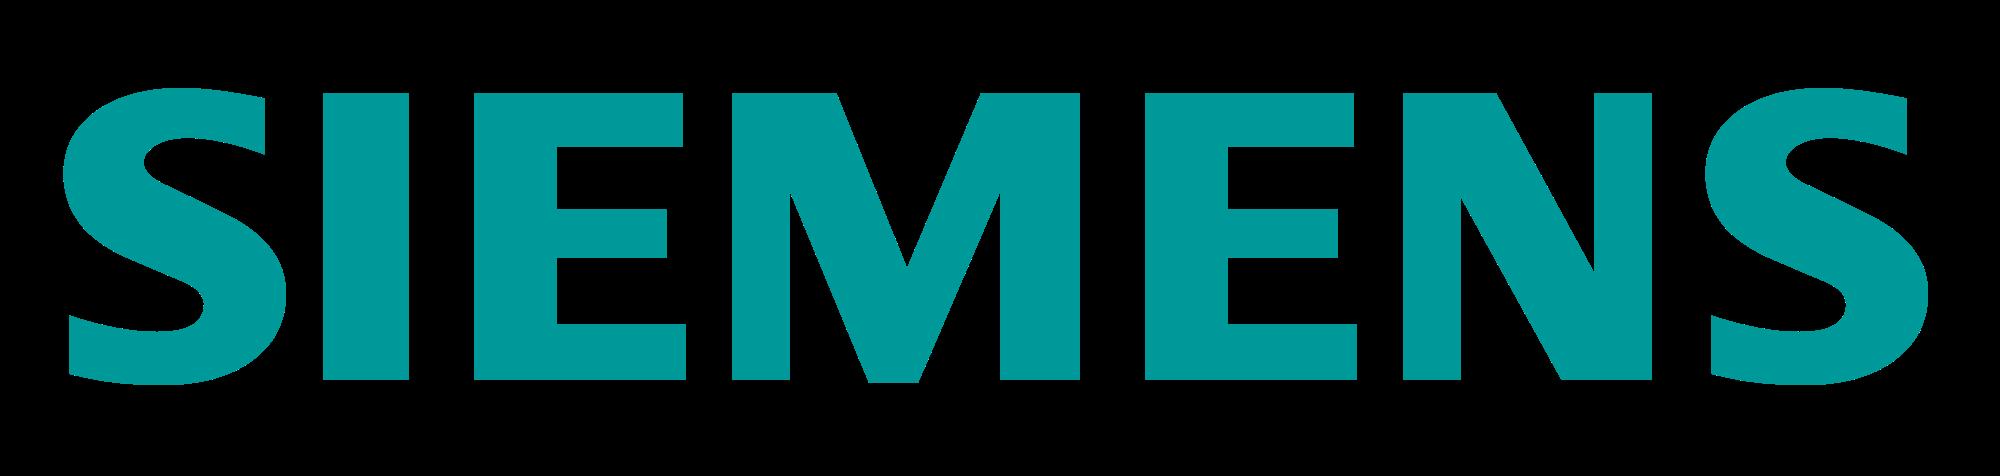 https://vietpharm.com.vn/wp-content/uploads/2021/01/siemen.png